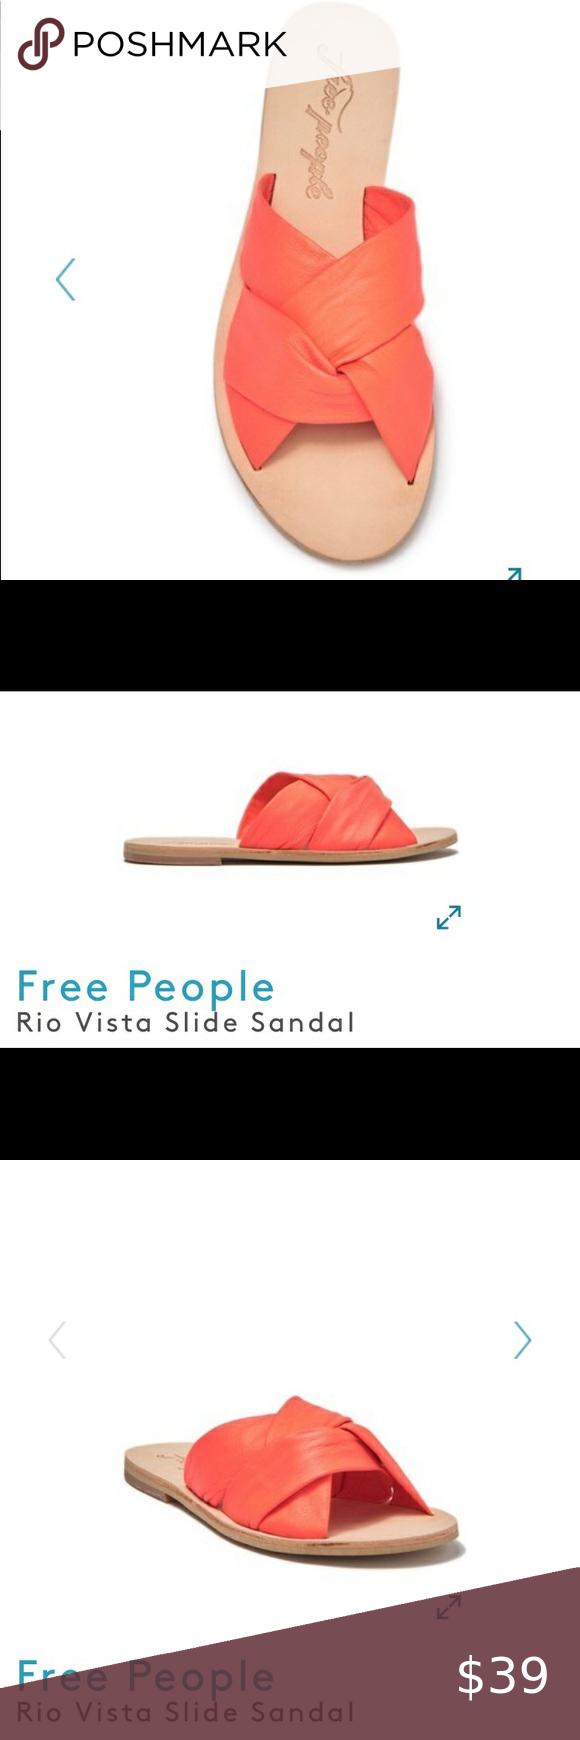 Free People Rio Vista Leather Slide Sandal Leather Slide Sandals Leather Slides Slide Sandals